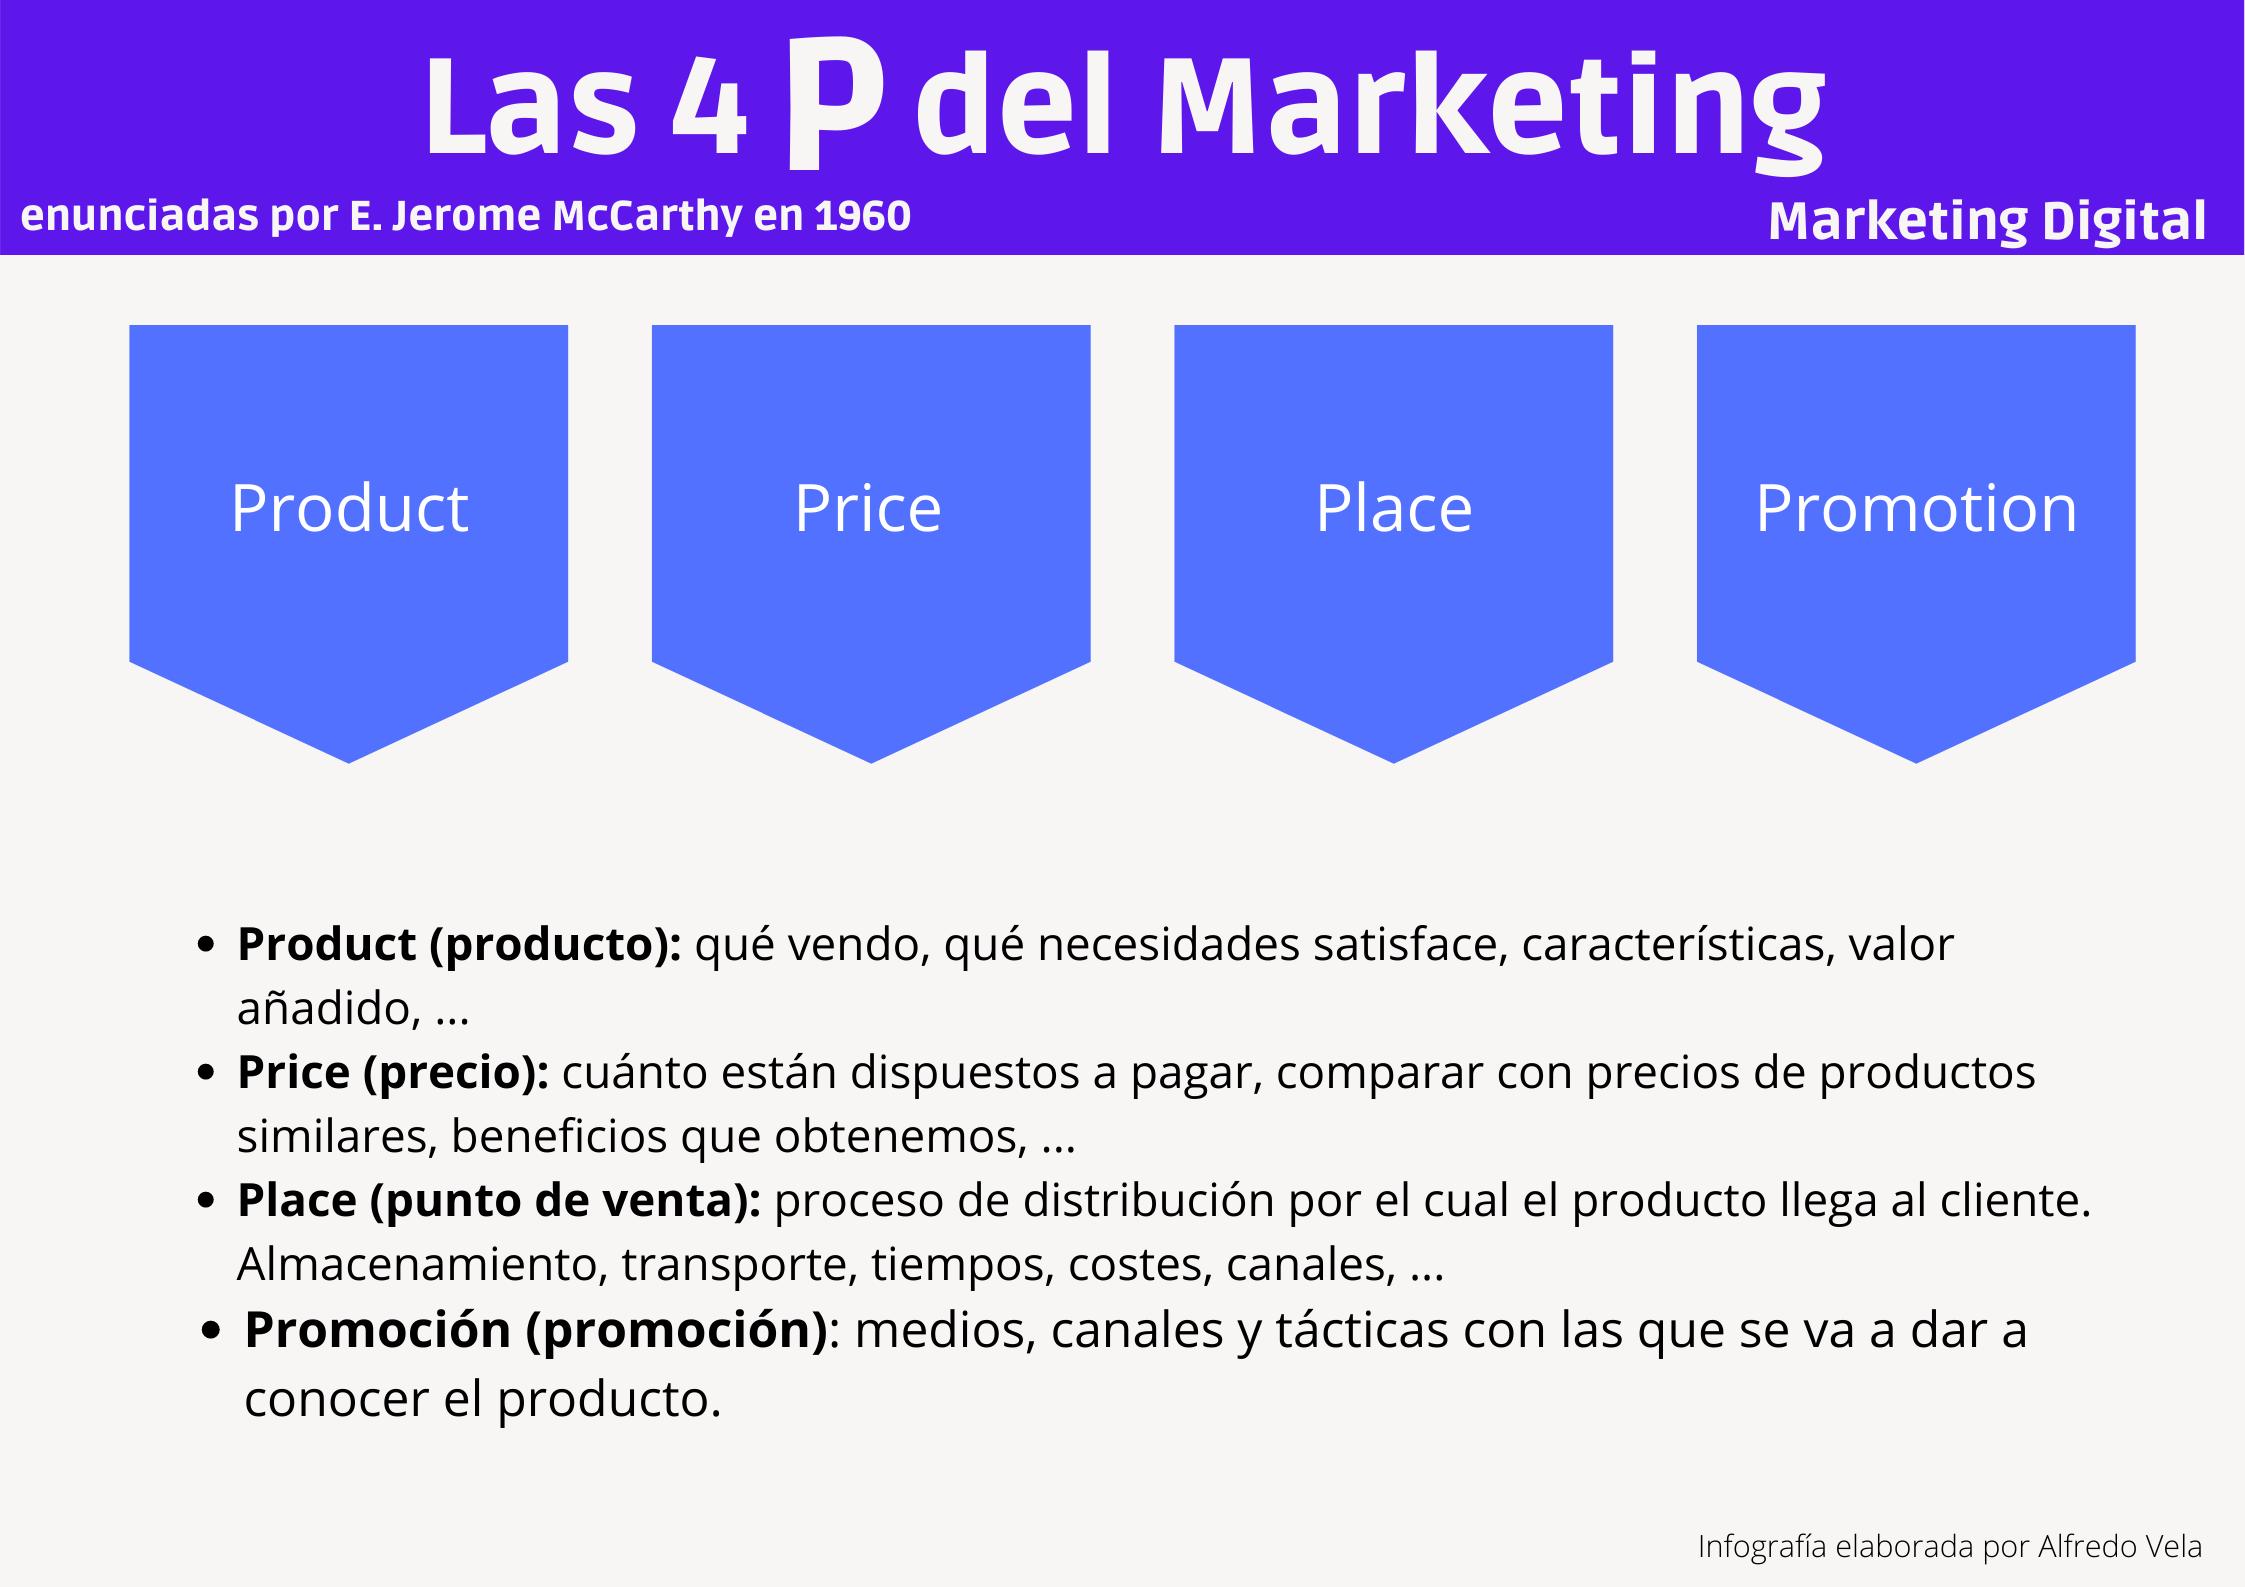 Las 4 P del Marketing #infografia #infographic #marketing